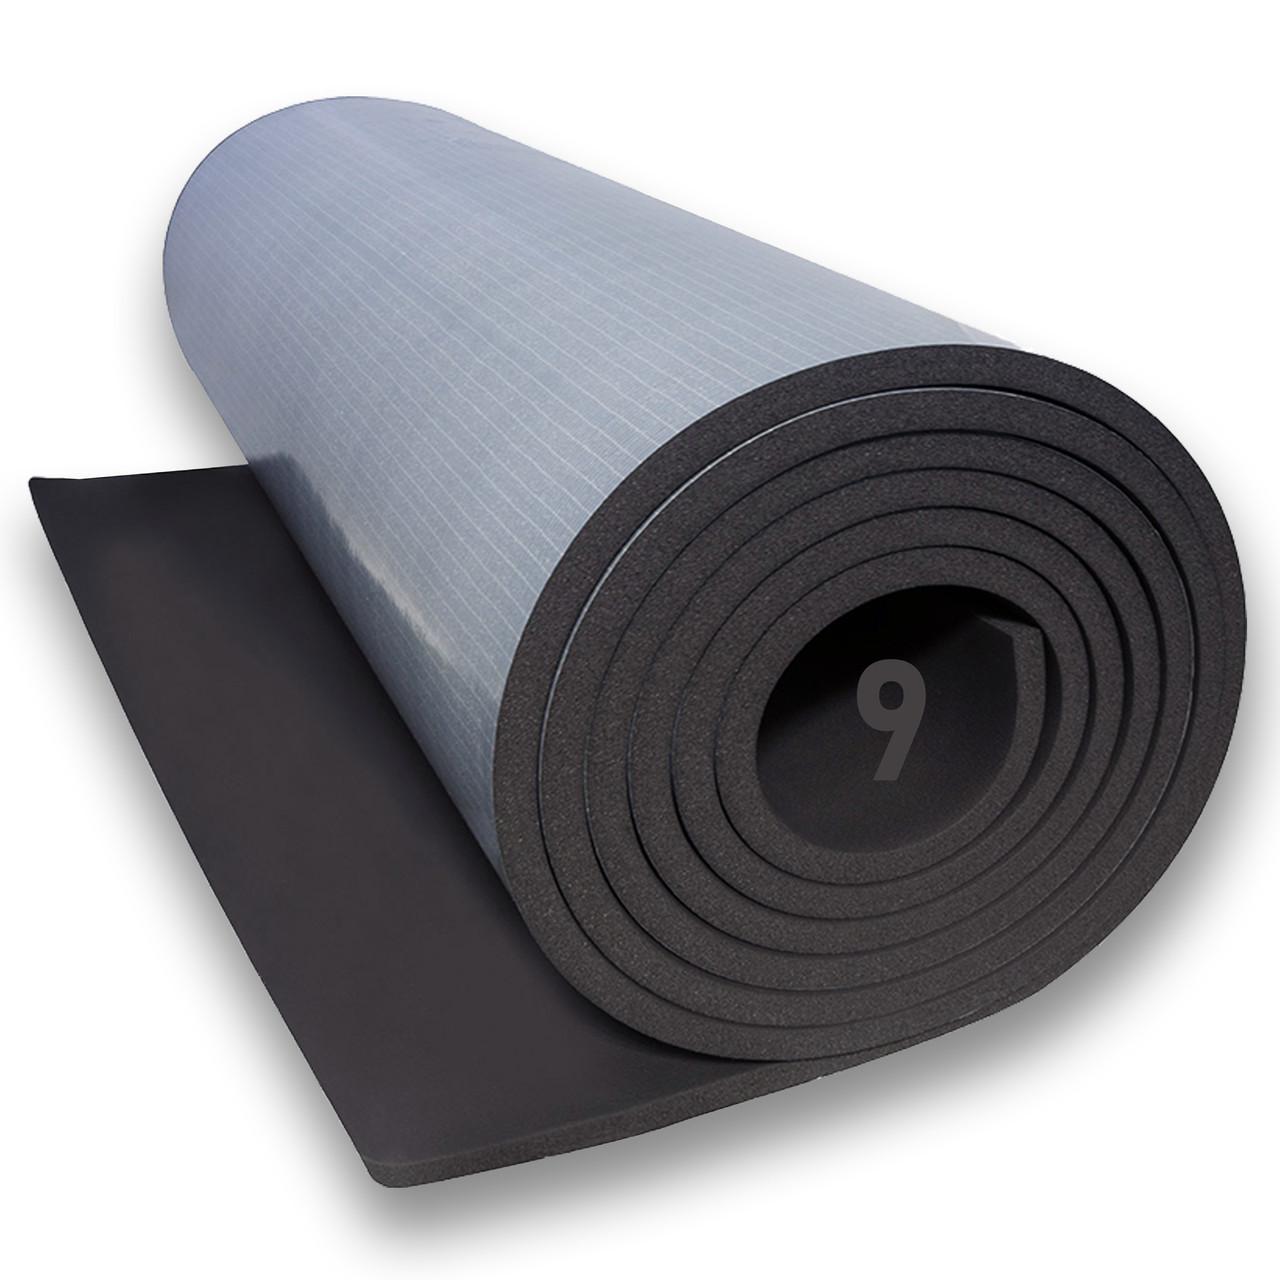 Вспененный каучук самоклеящийся 9 мм цена за рулон